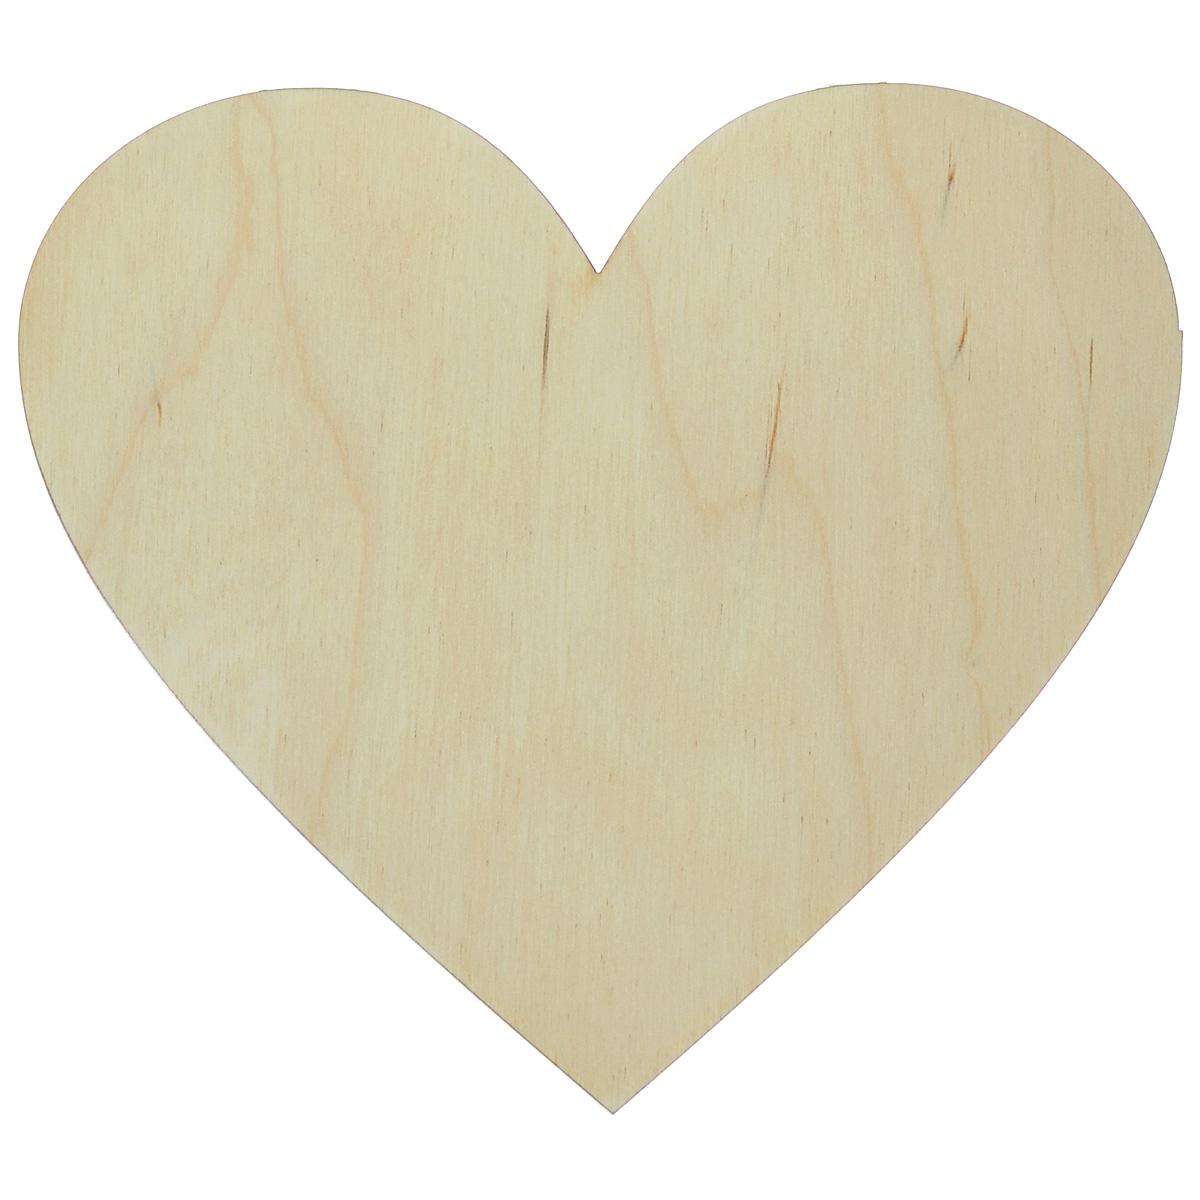 Деревянная заготовка Астра Сердечко, 18 х 16 см488153Заготовка Астра Сердечко изготовлена из дерева. Изделие, выполненное в виде сердца, станет хорошим объектом для вашего творчества и занятий декупажем. Заготовка, раскрашенная красками, будет прекрасным украшением интерьера или отличным подарком.